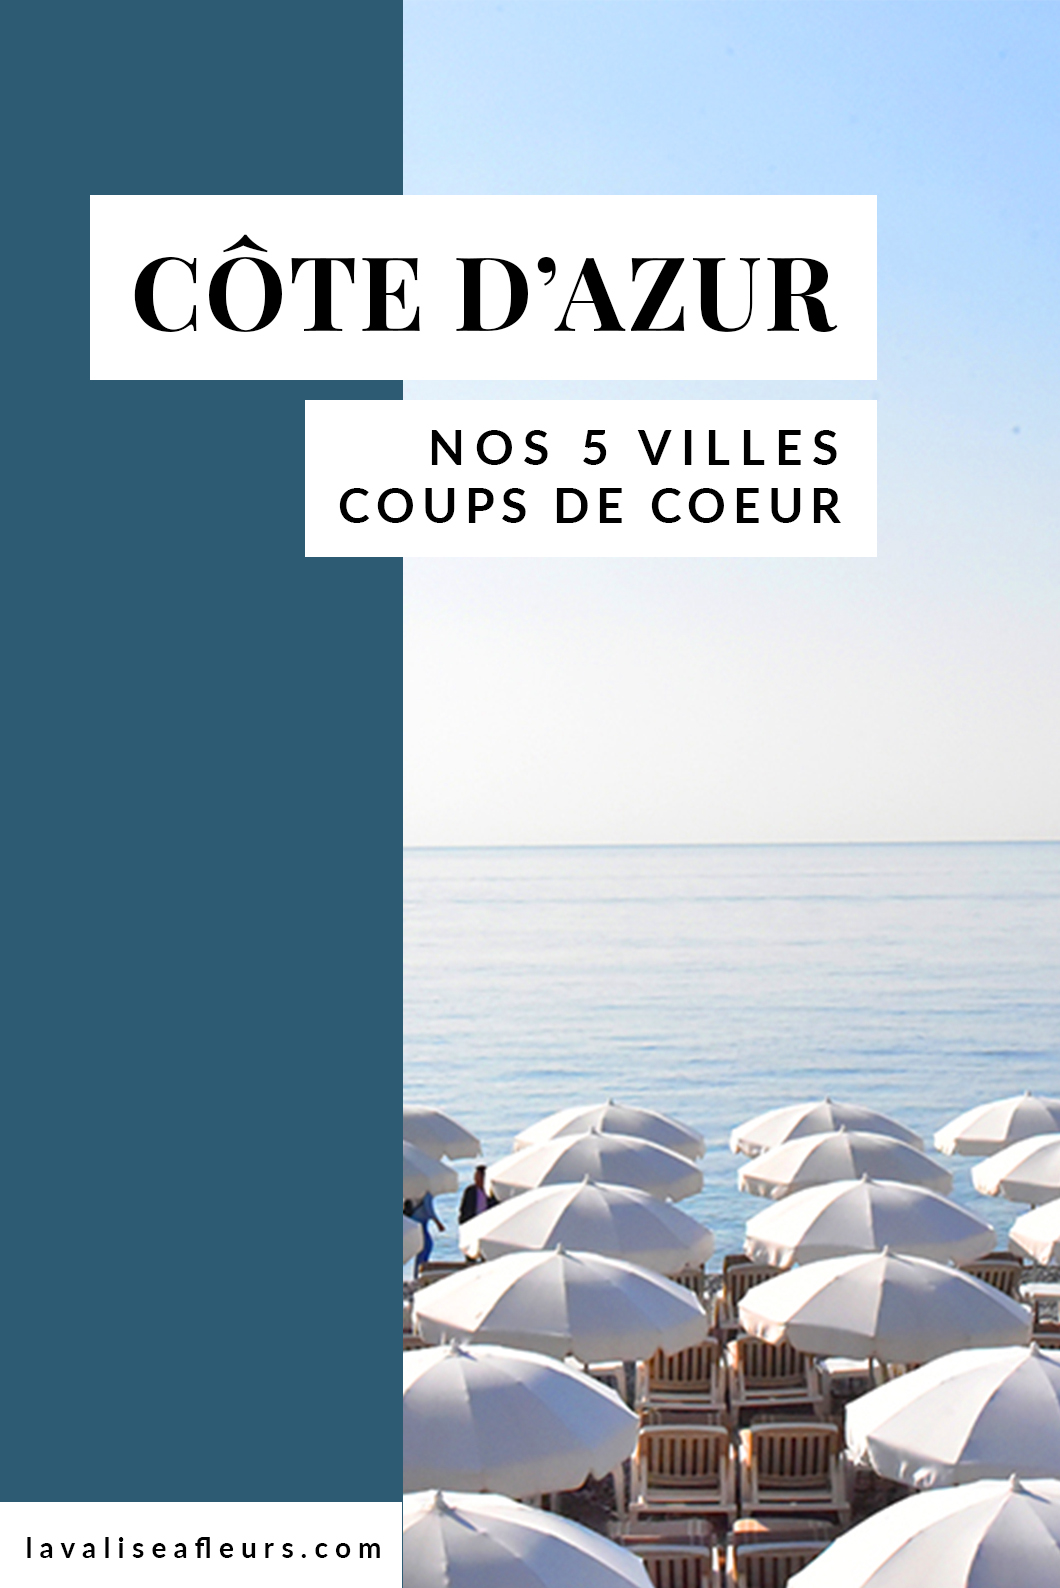 Nos 5 villes coups de coeur sur la Côte d'Azur